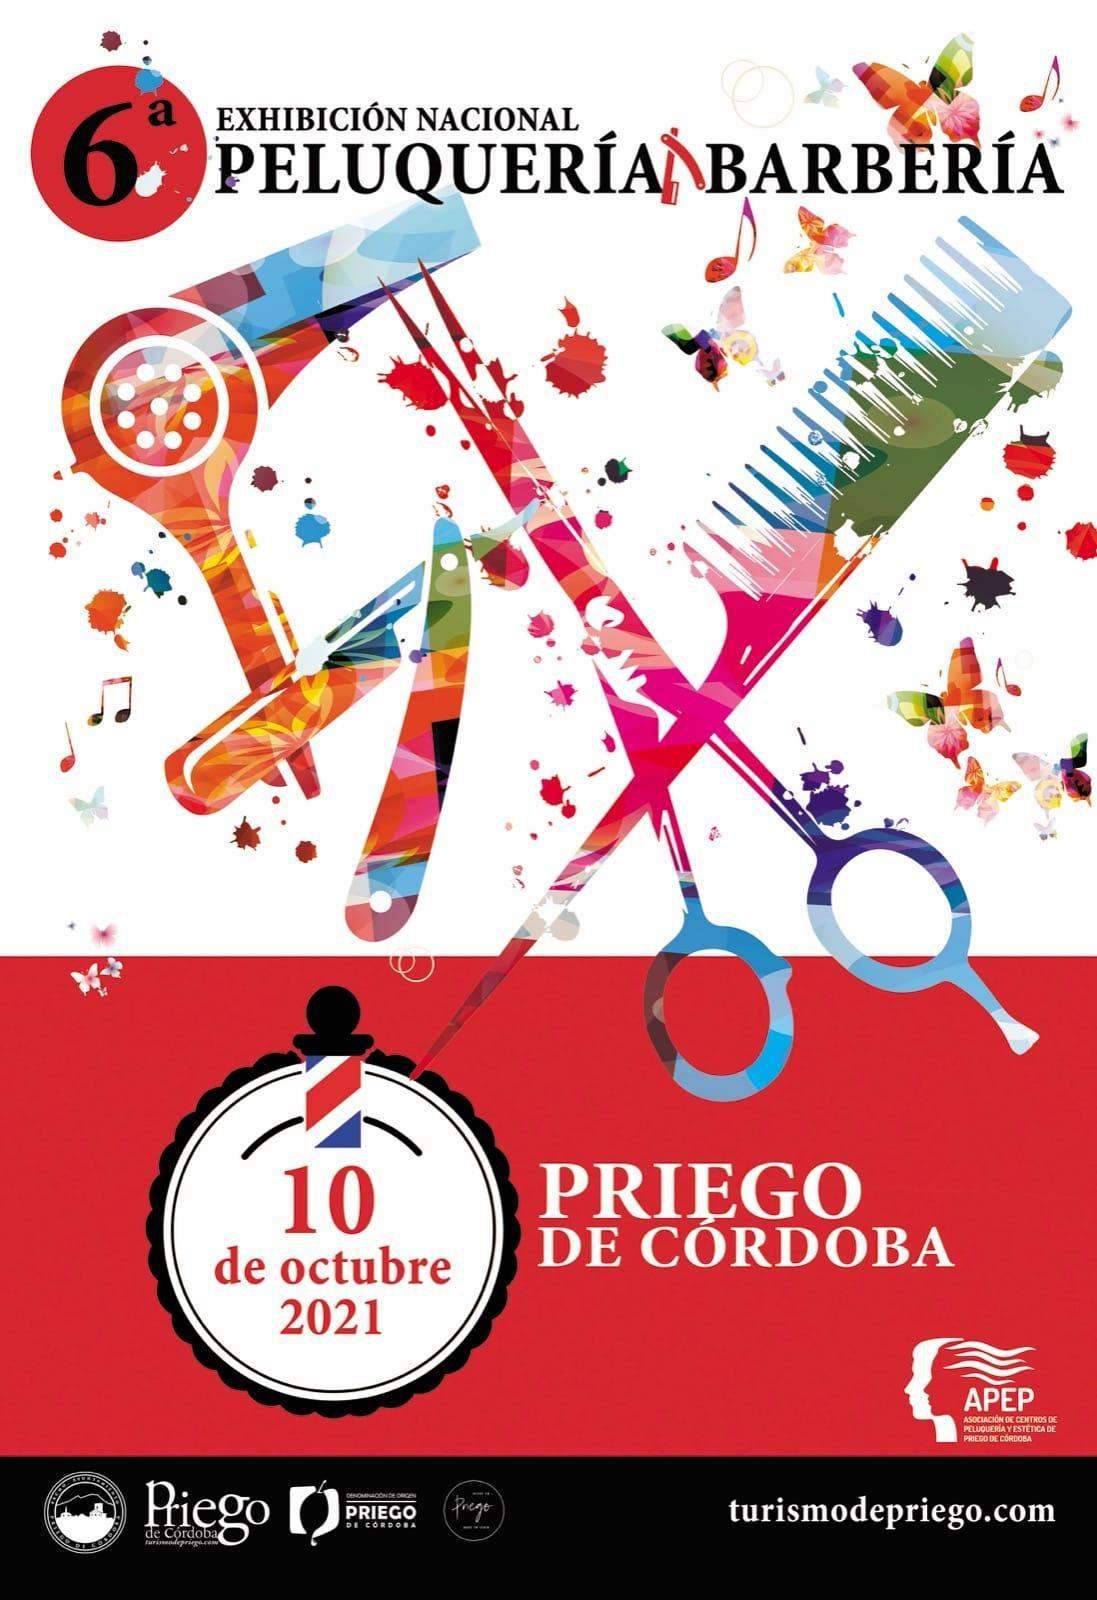 VI Exhibición nacional Peluquería y Barbería Priego de Córdoba